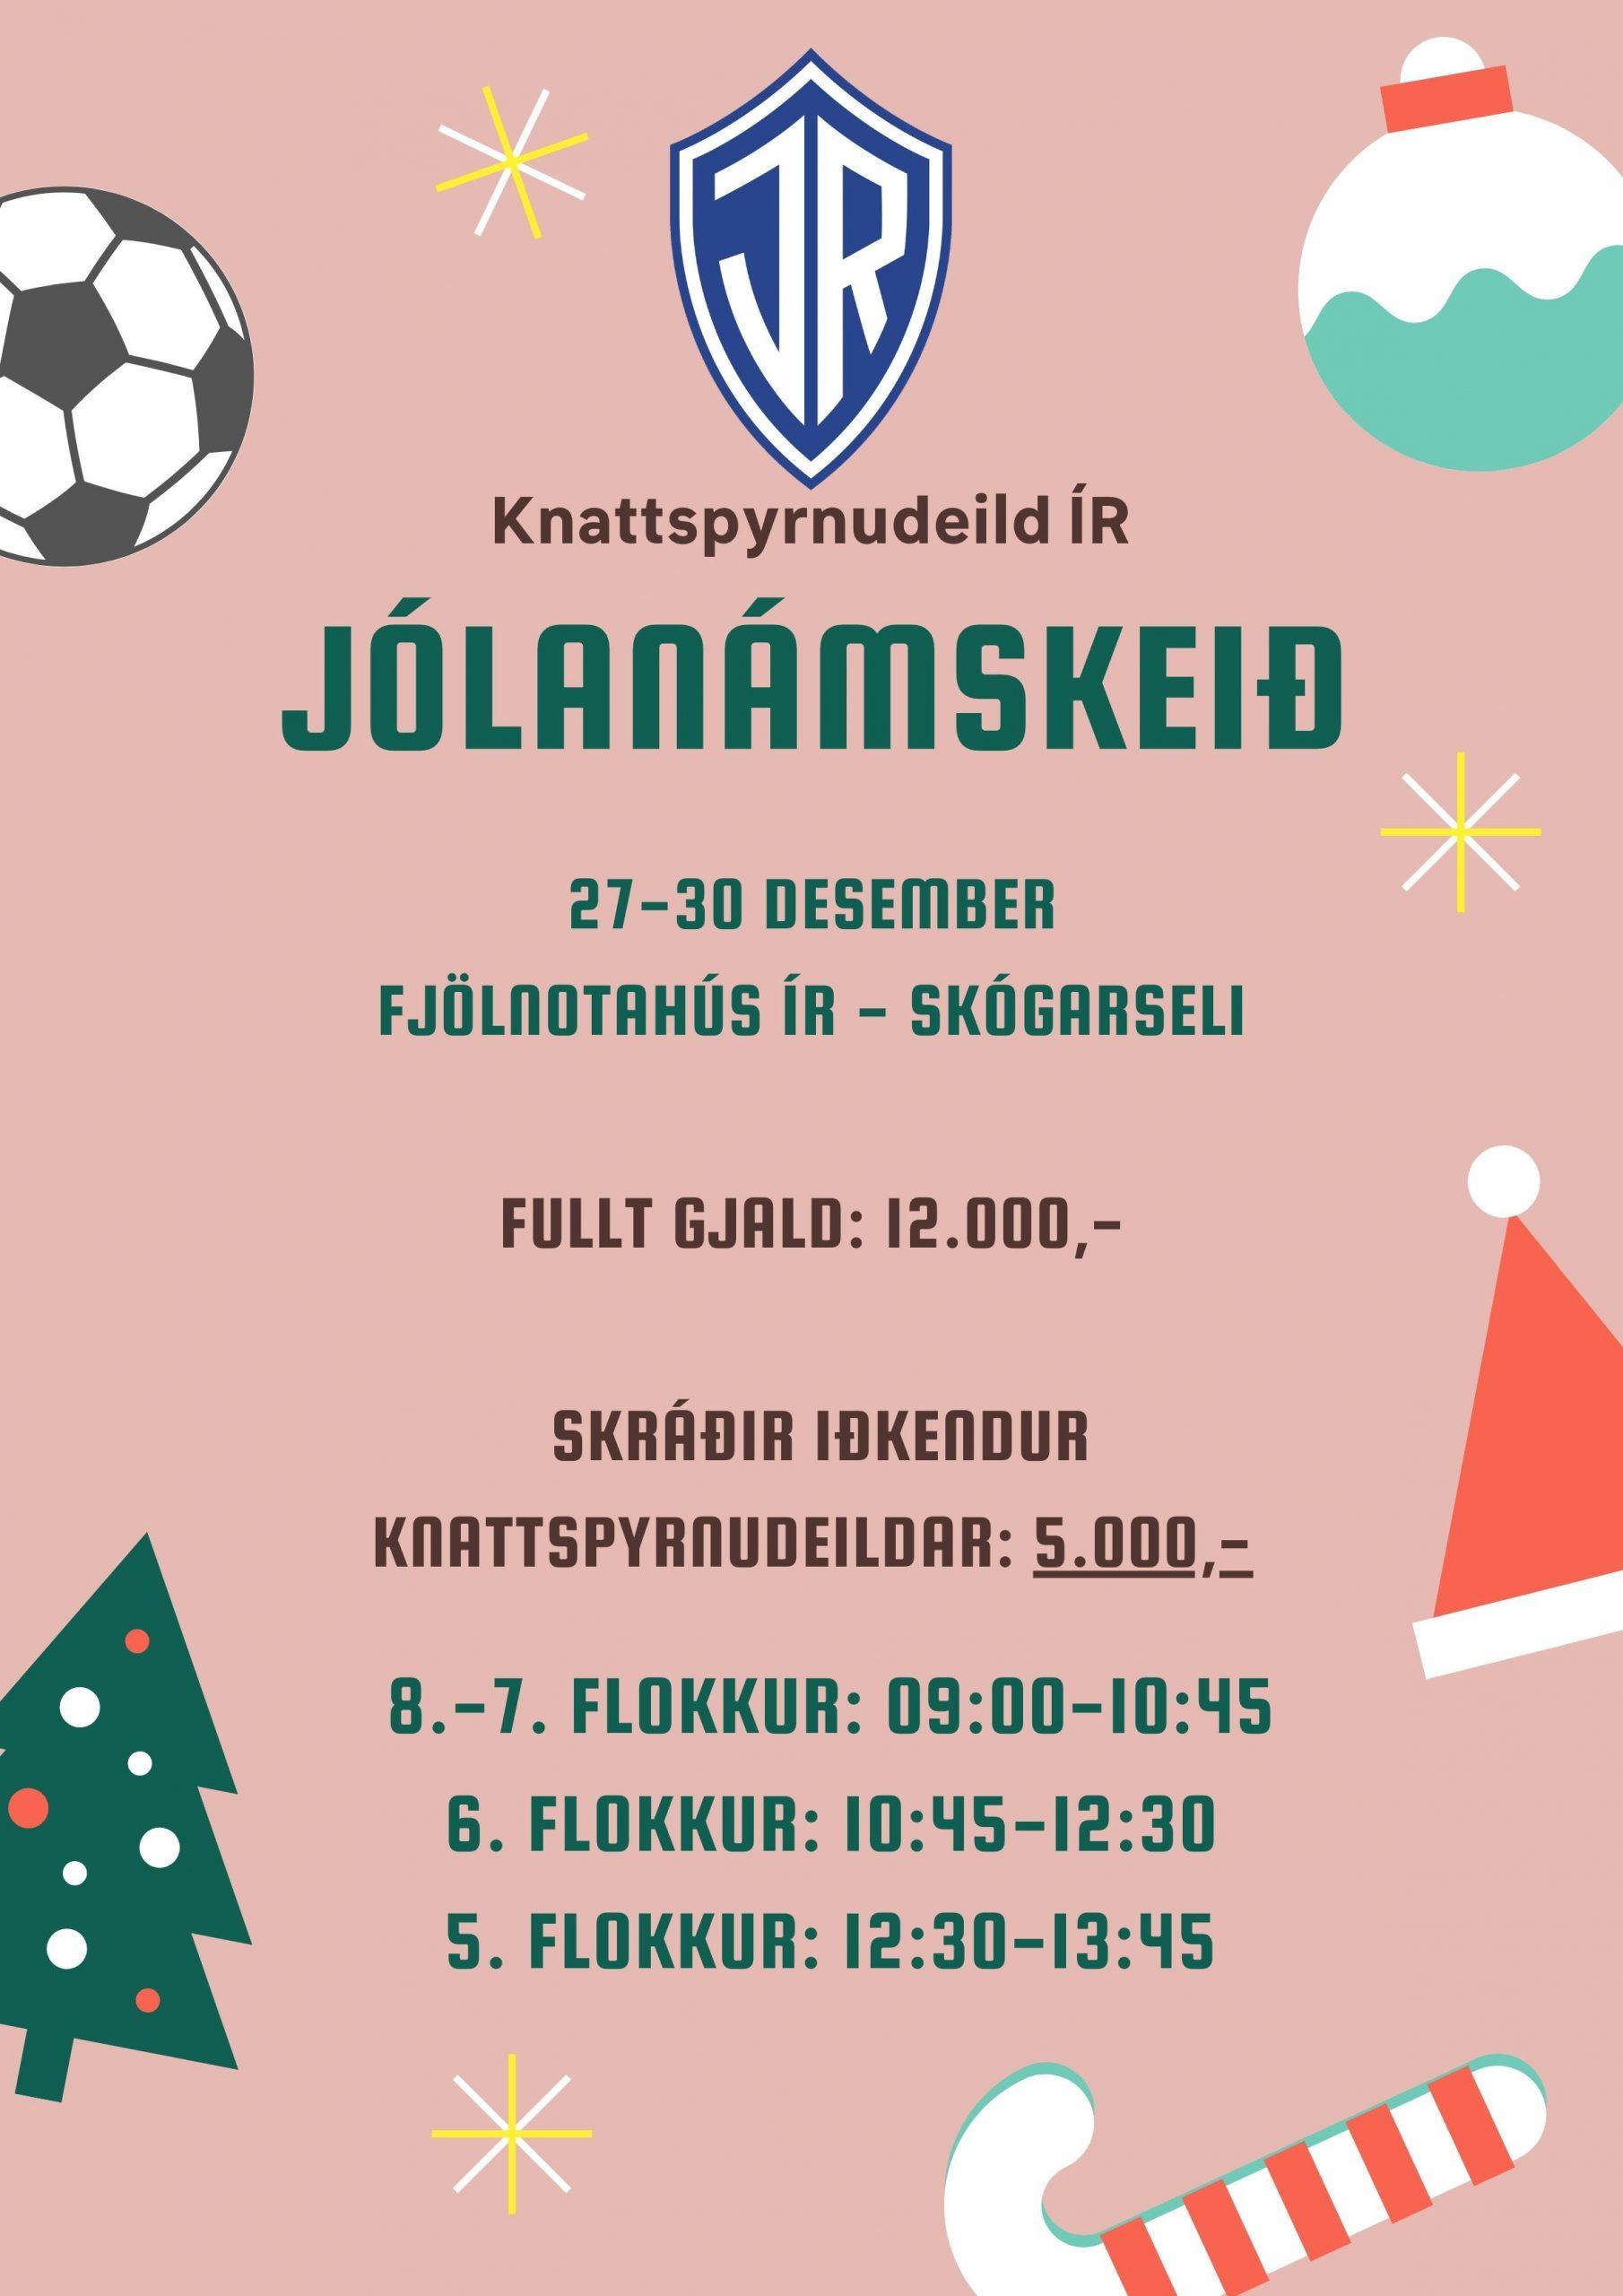 Jólanámskeið Knattspyrnudeildar 27.-30. desember graphic